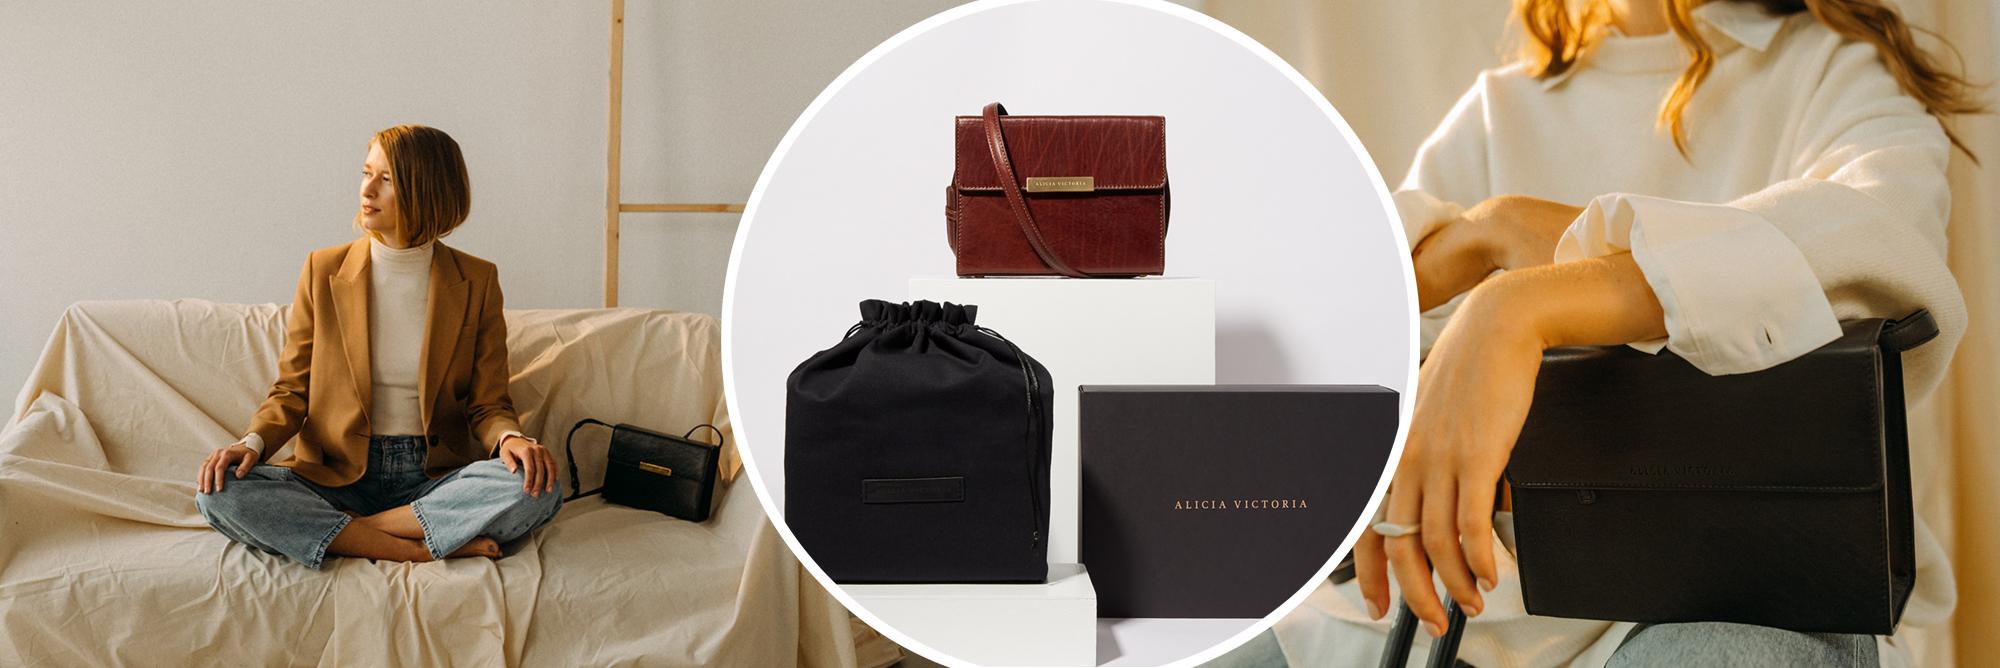 ALICIA VICTORIA – less waste leather